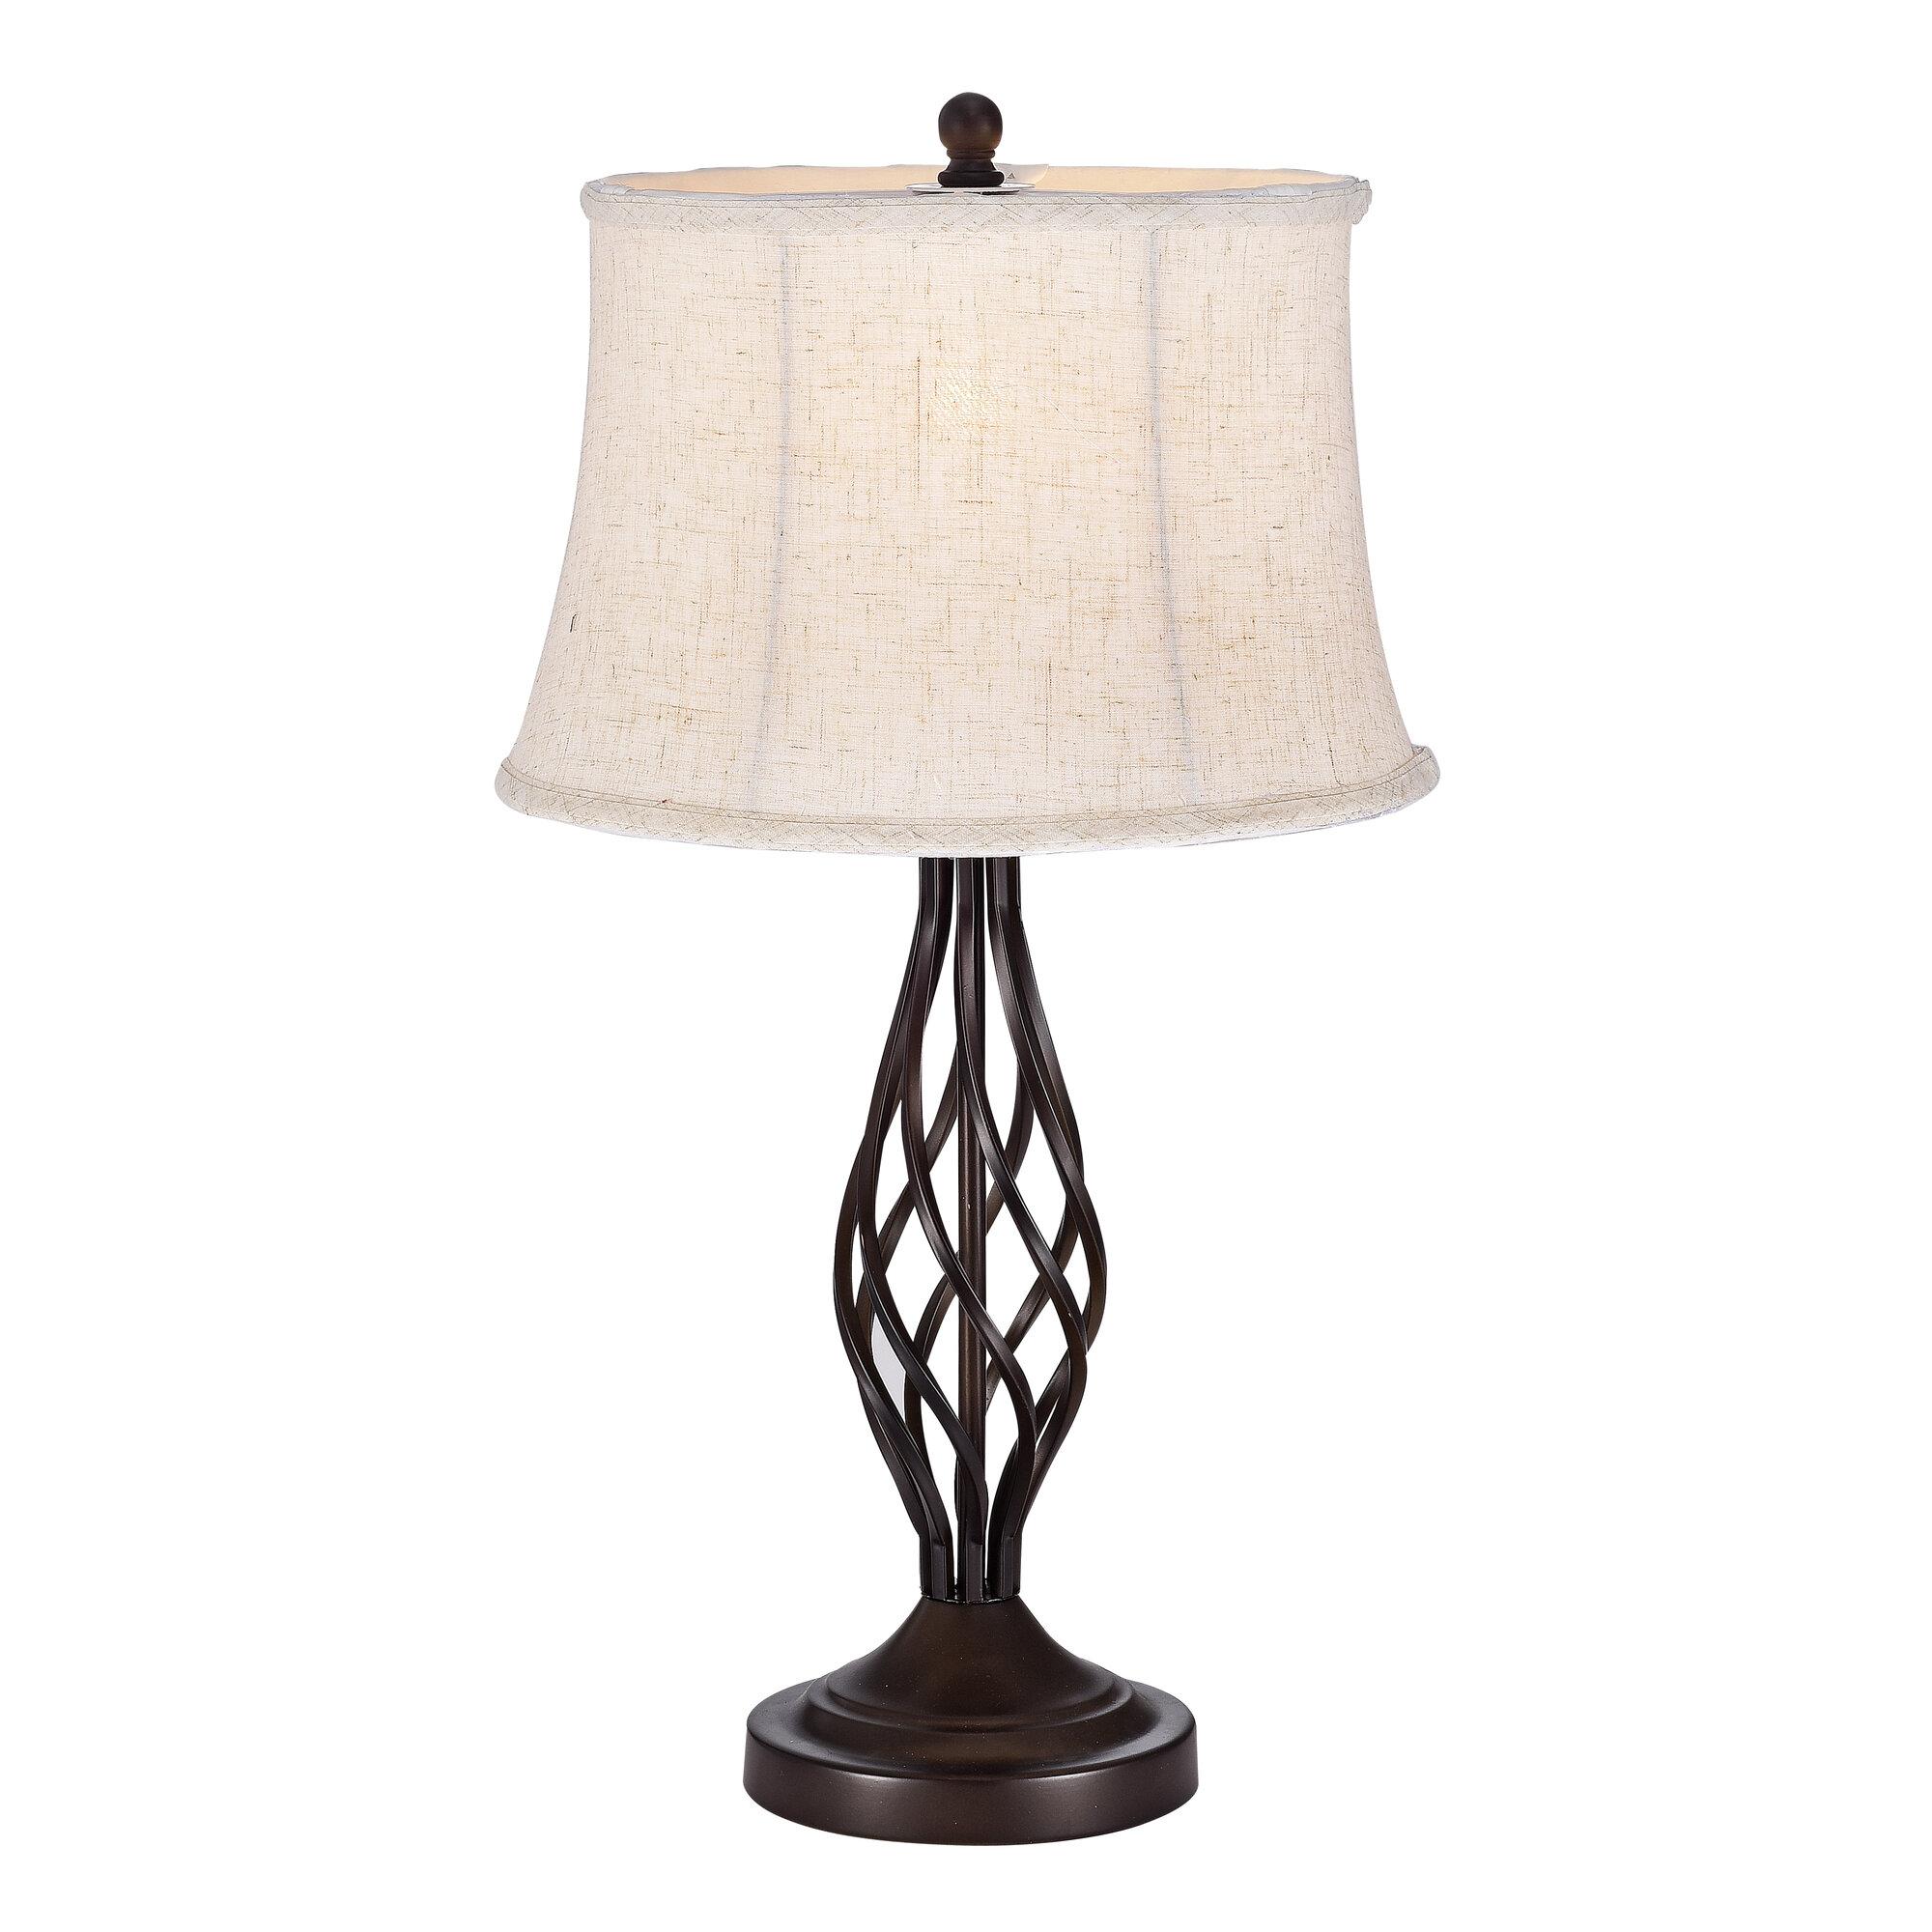 Details About Fleur De Lis Living Shields 1 Light 21 Table Lamp